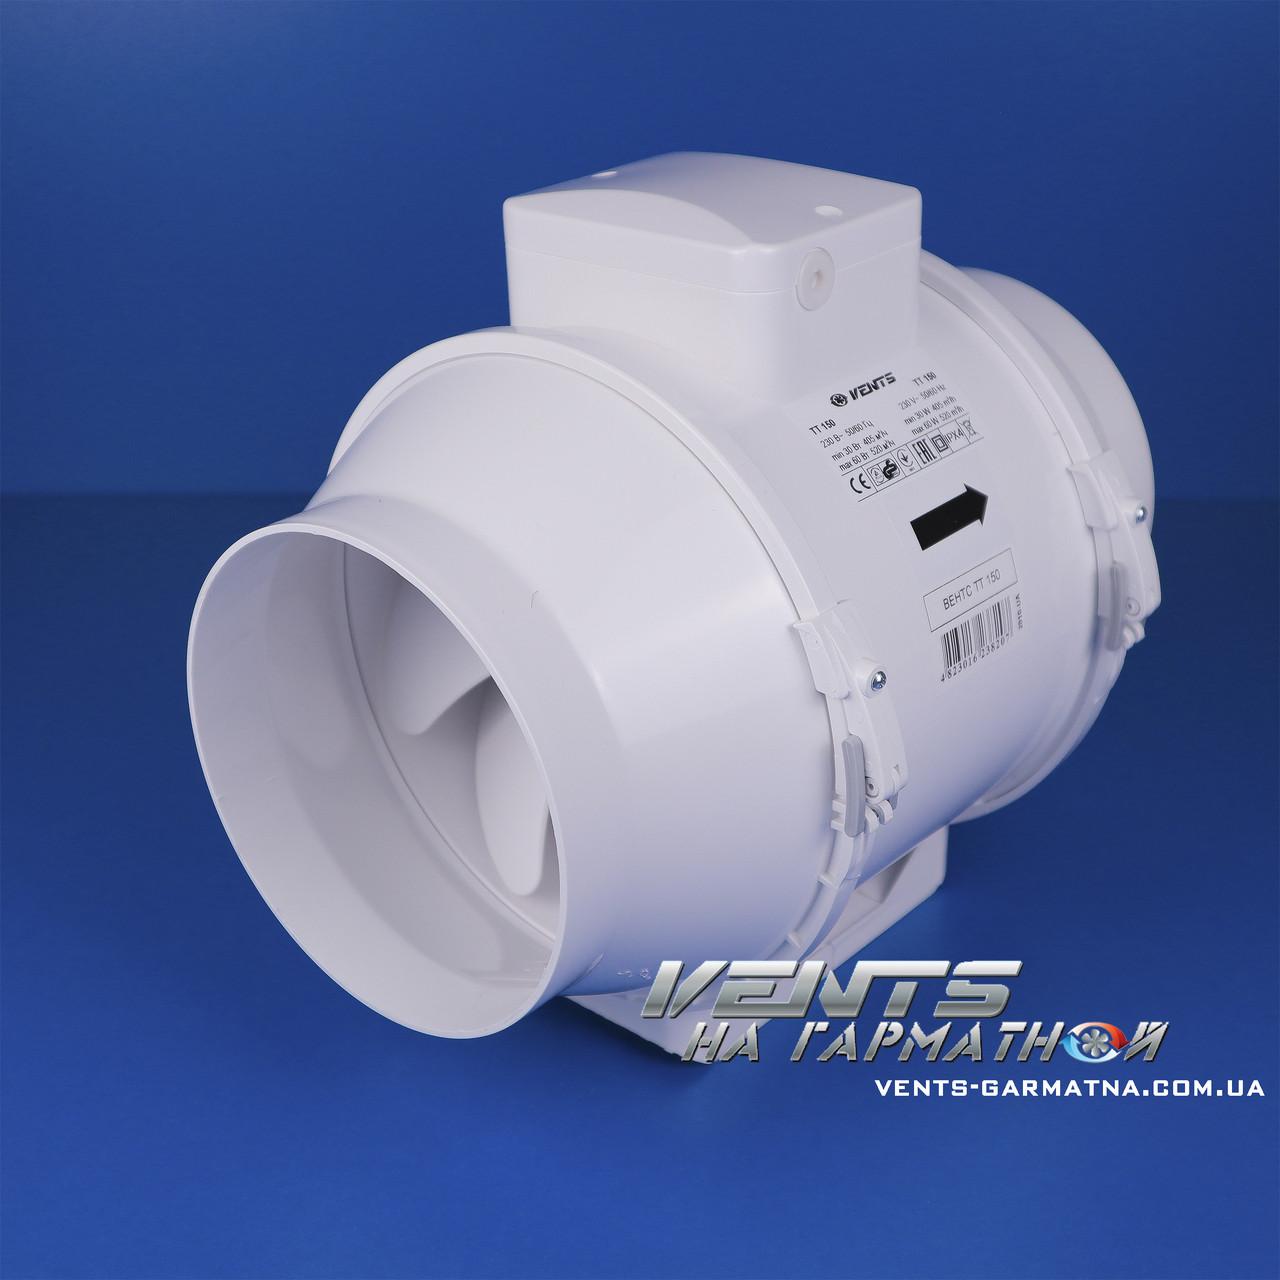 Вентс ТТ 160. Канальный вентилятор смешаного типа